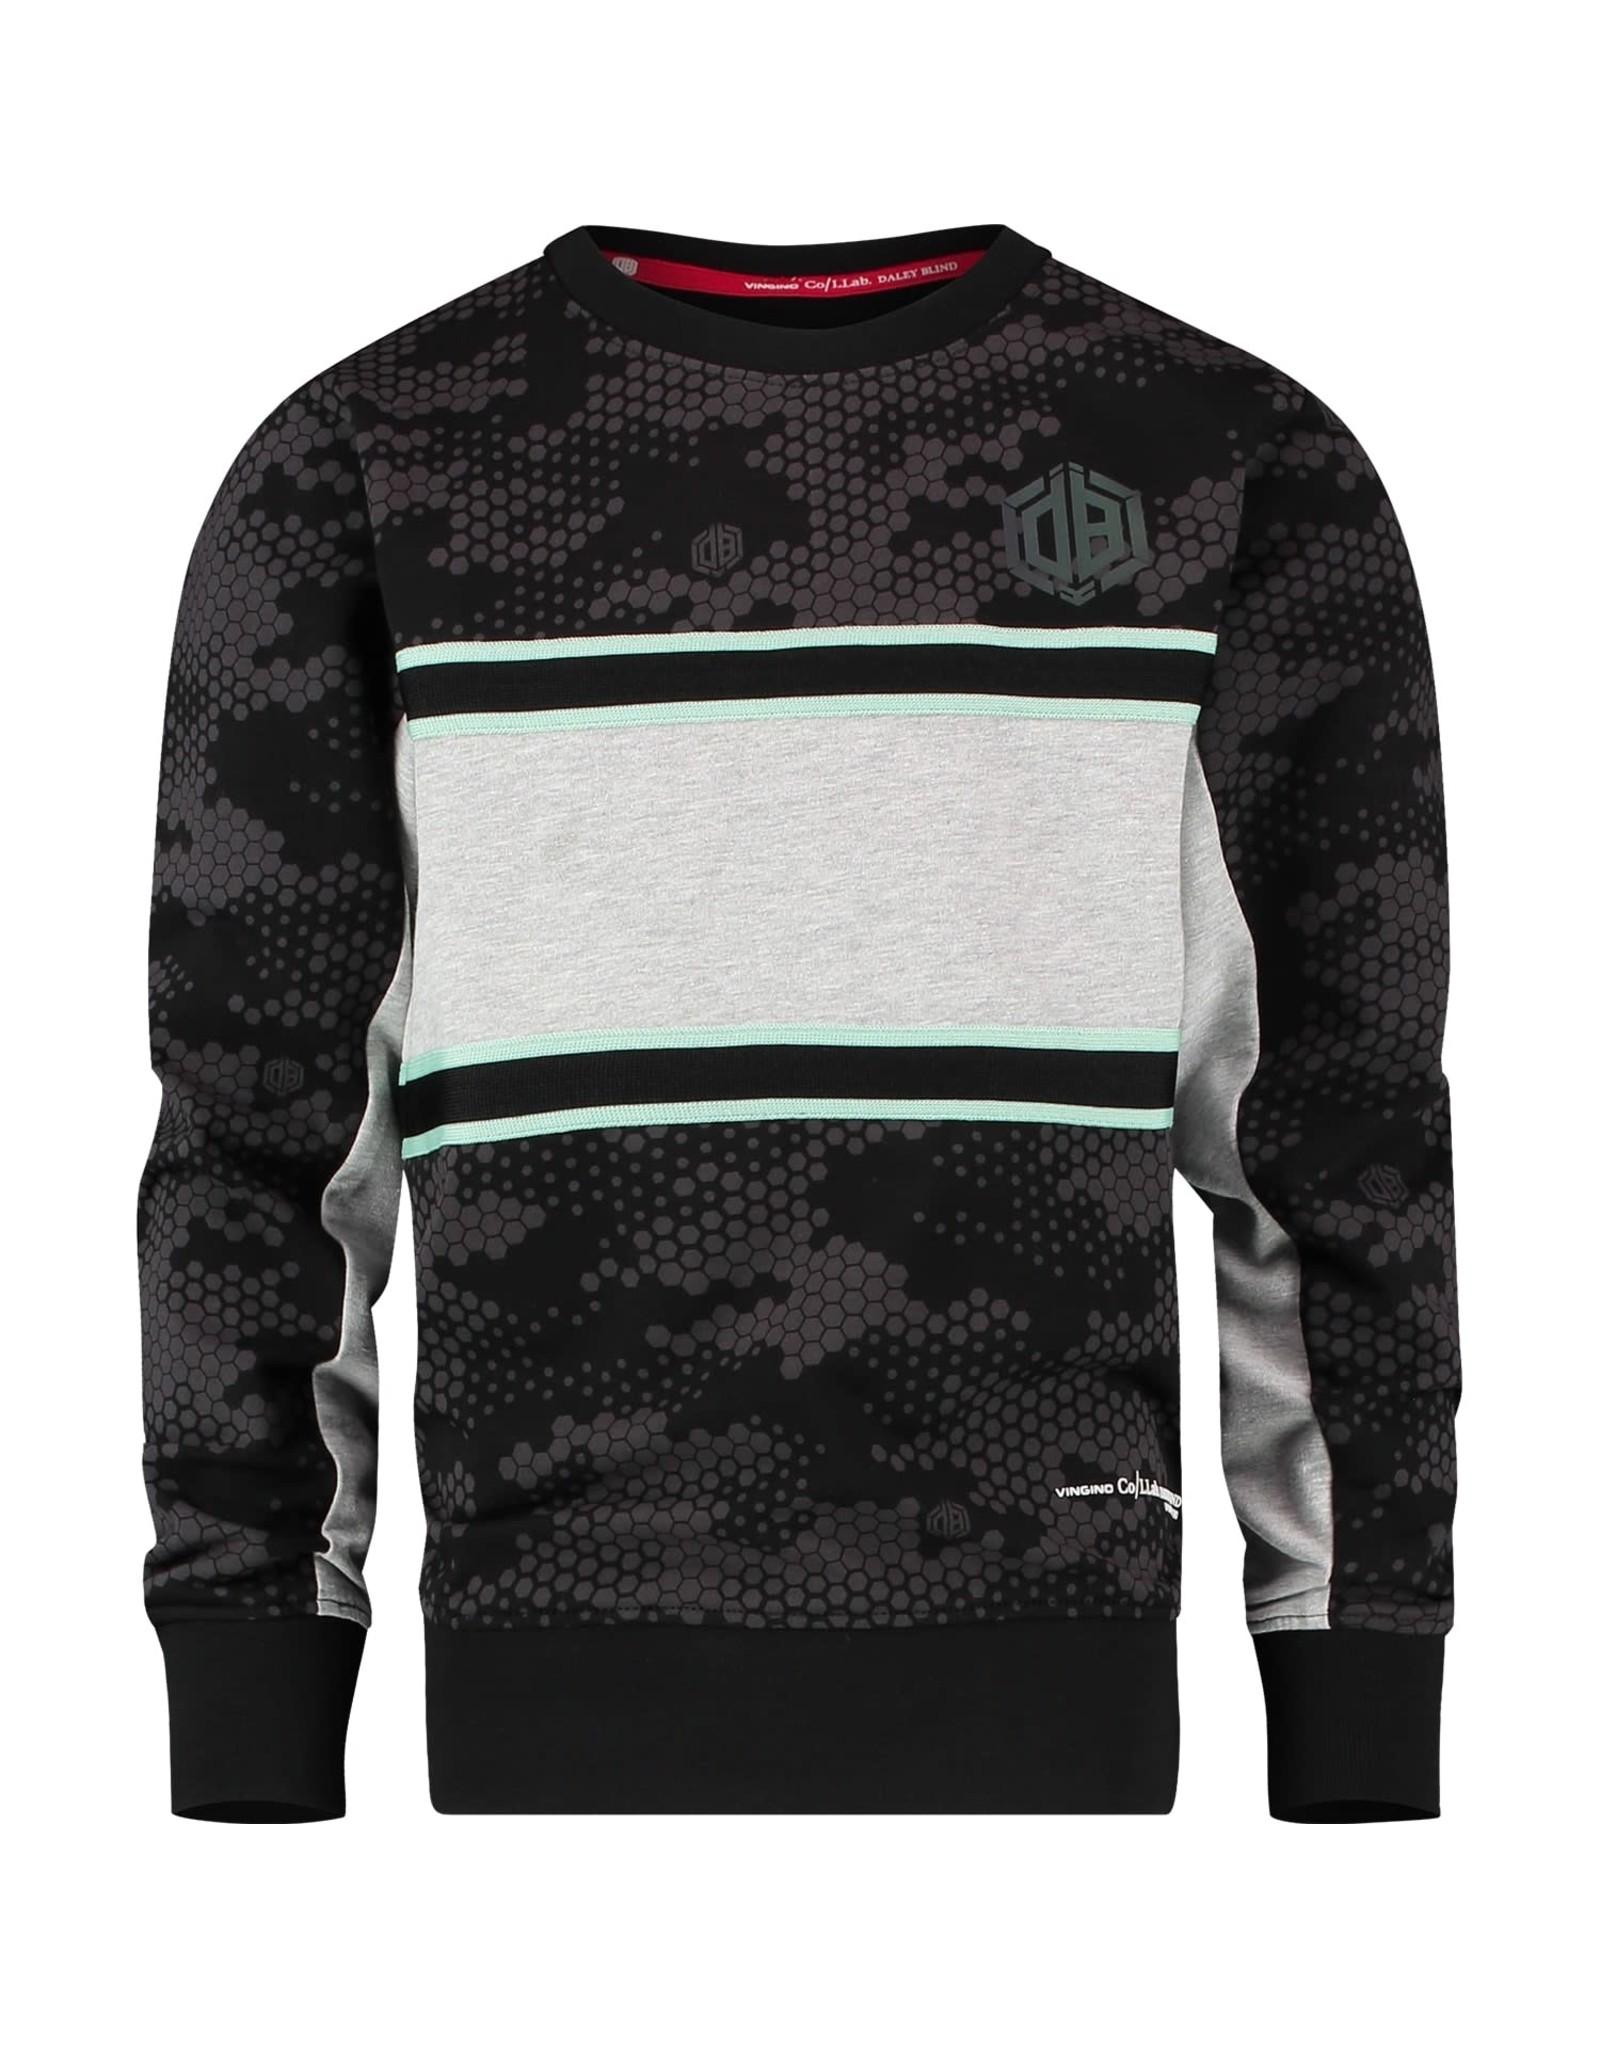 Vingino Vingino Daley Blind sweater Nenzo Deep Black